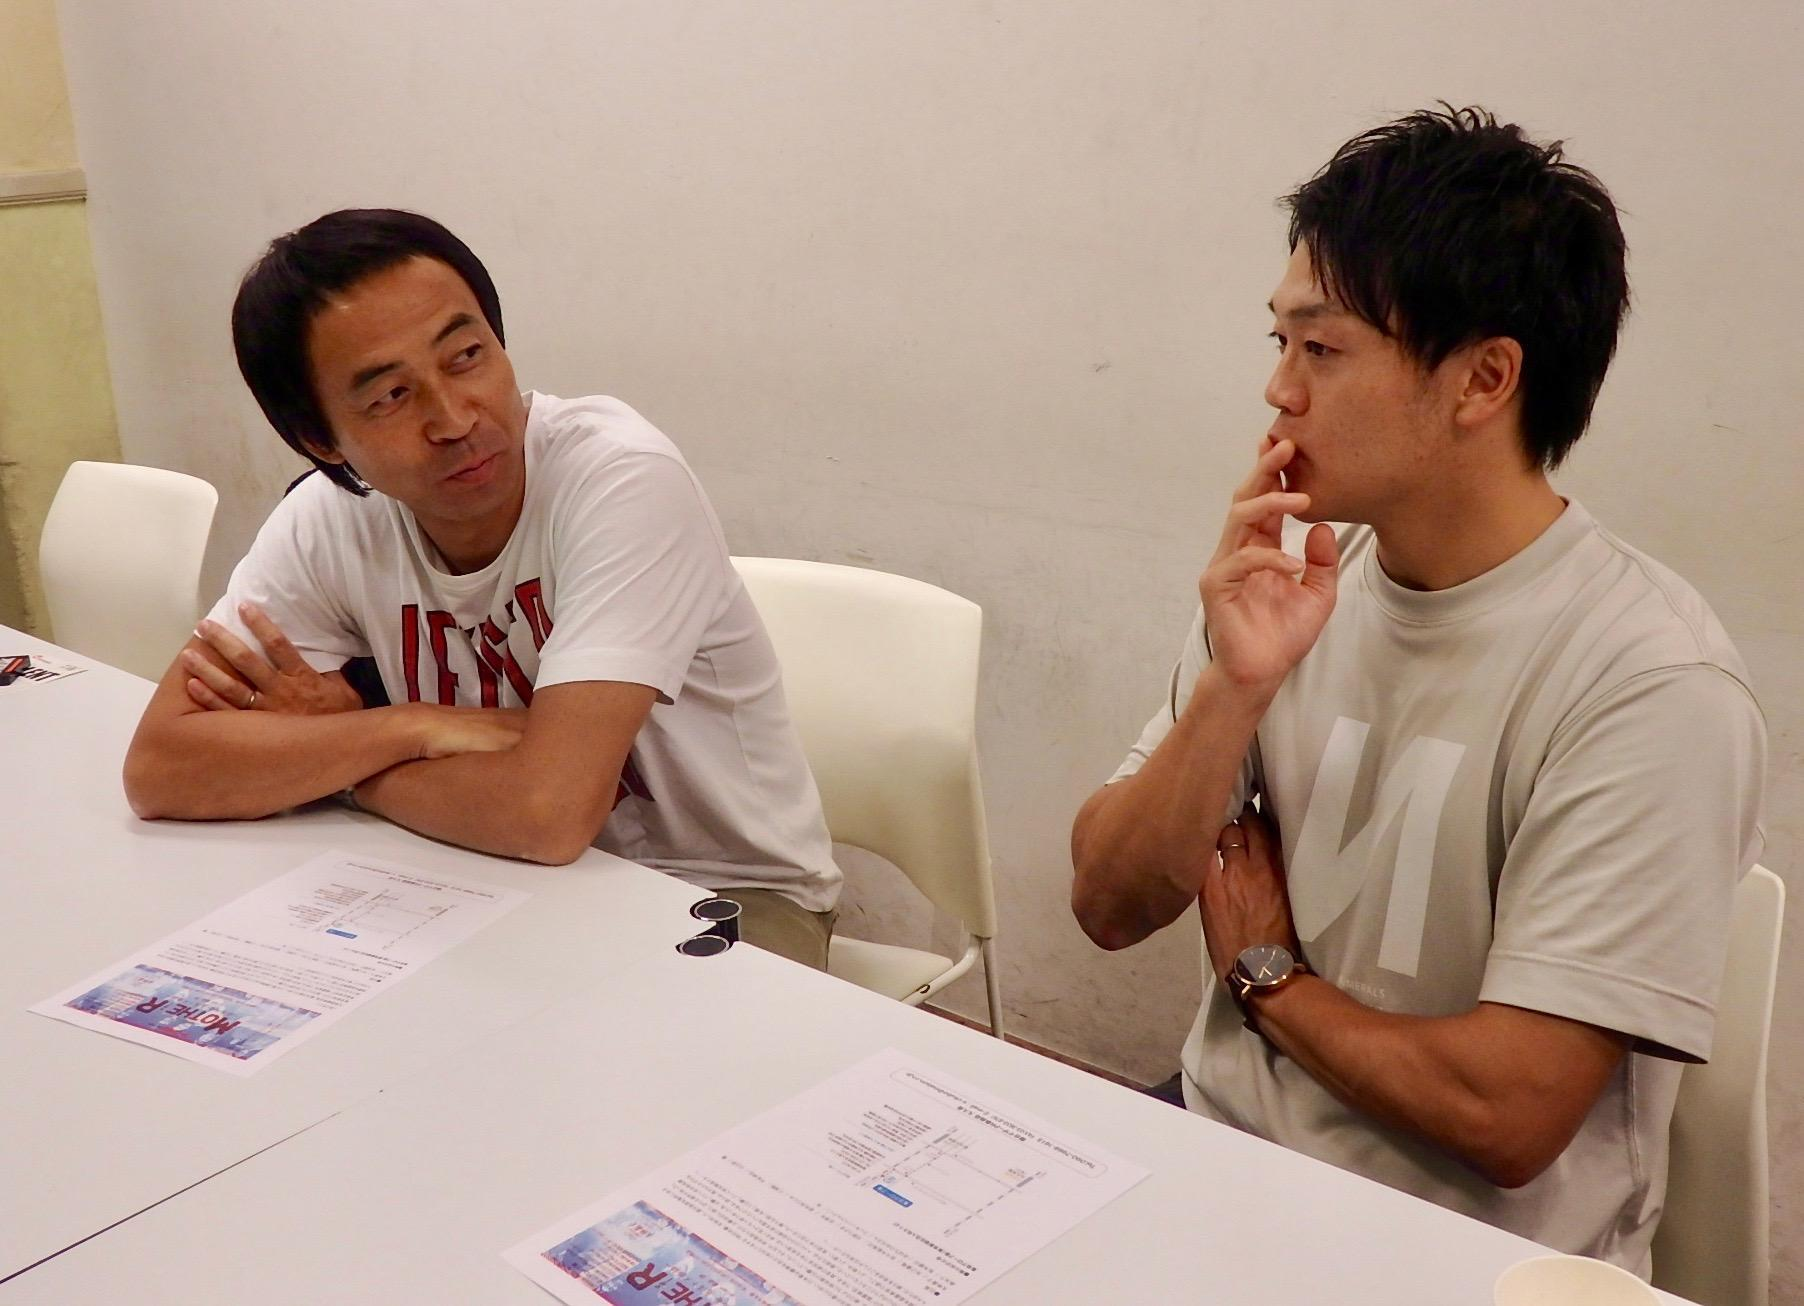 http://news.yoshimoto.co.jp/20180910044608-e16f1539e33f3bdacee4a28b7d39f453b94f9969.jpg